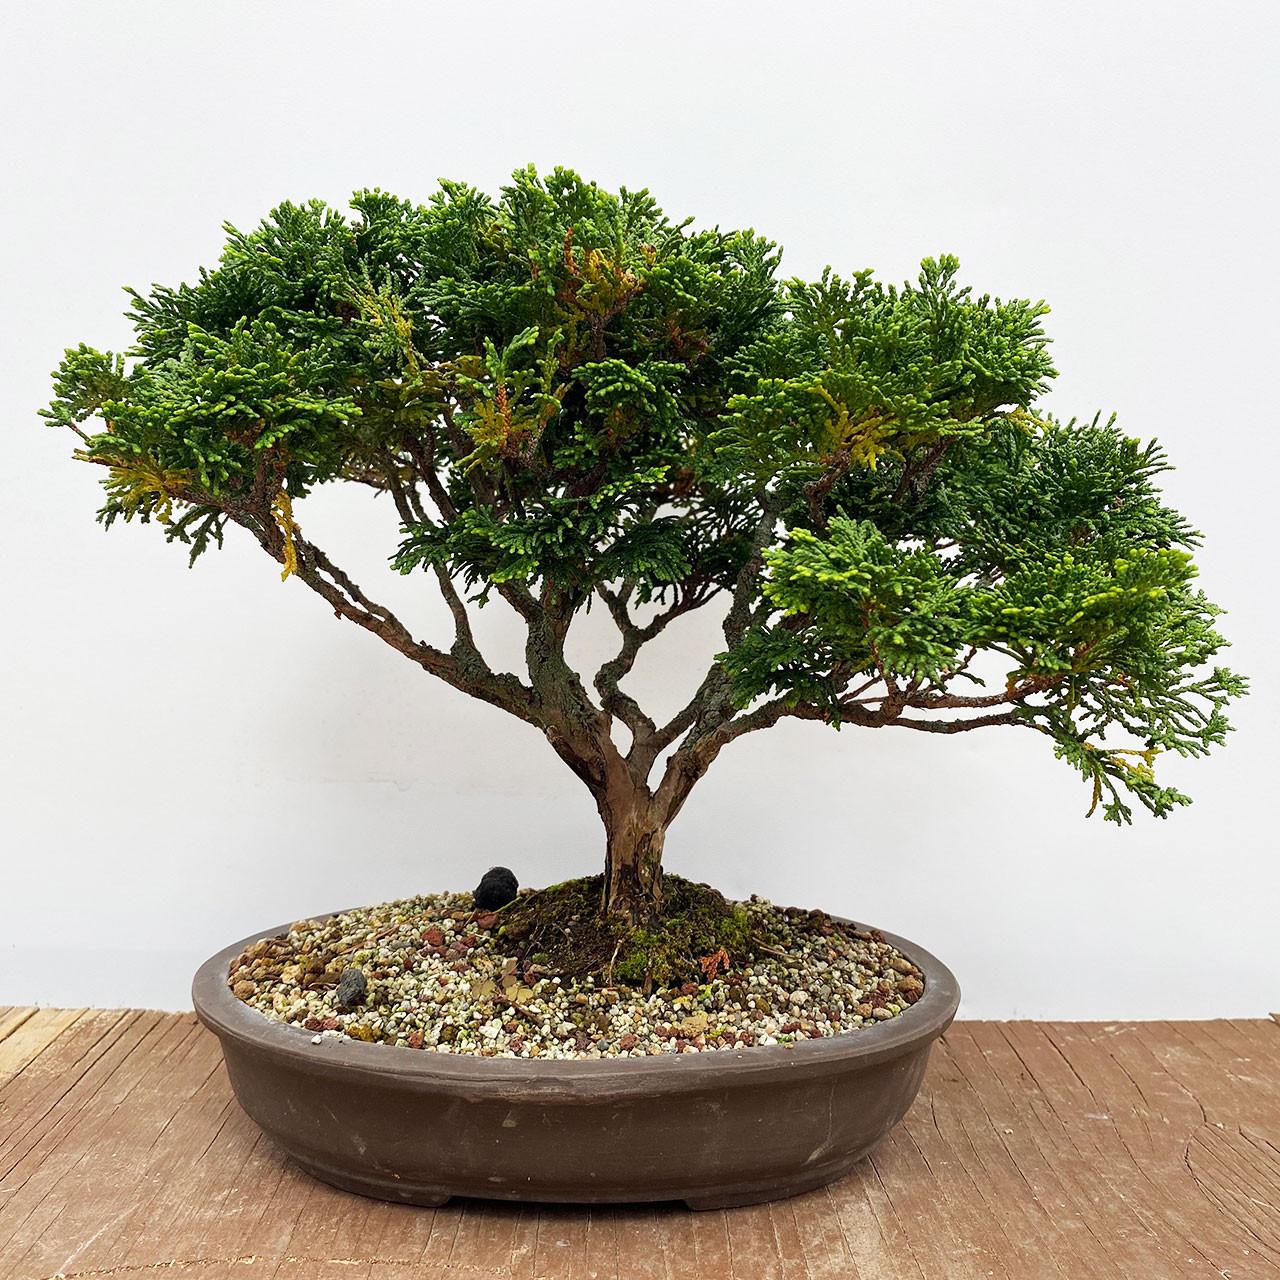 Hinoki Cypress Bonsai Tree Bonsai Outlet Web4407